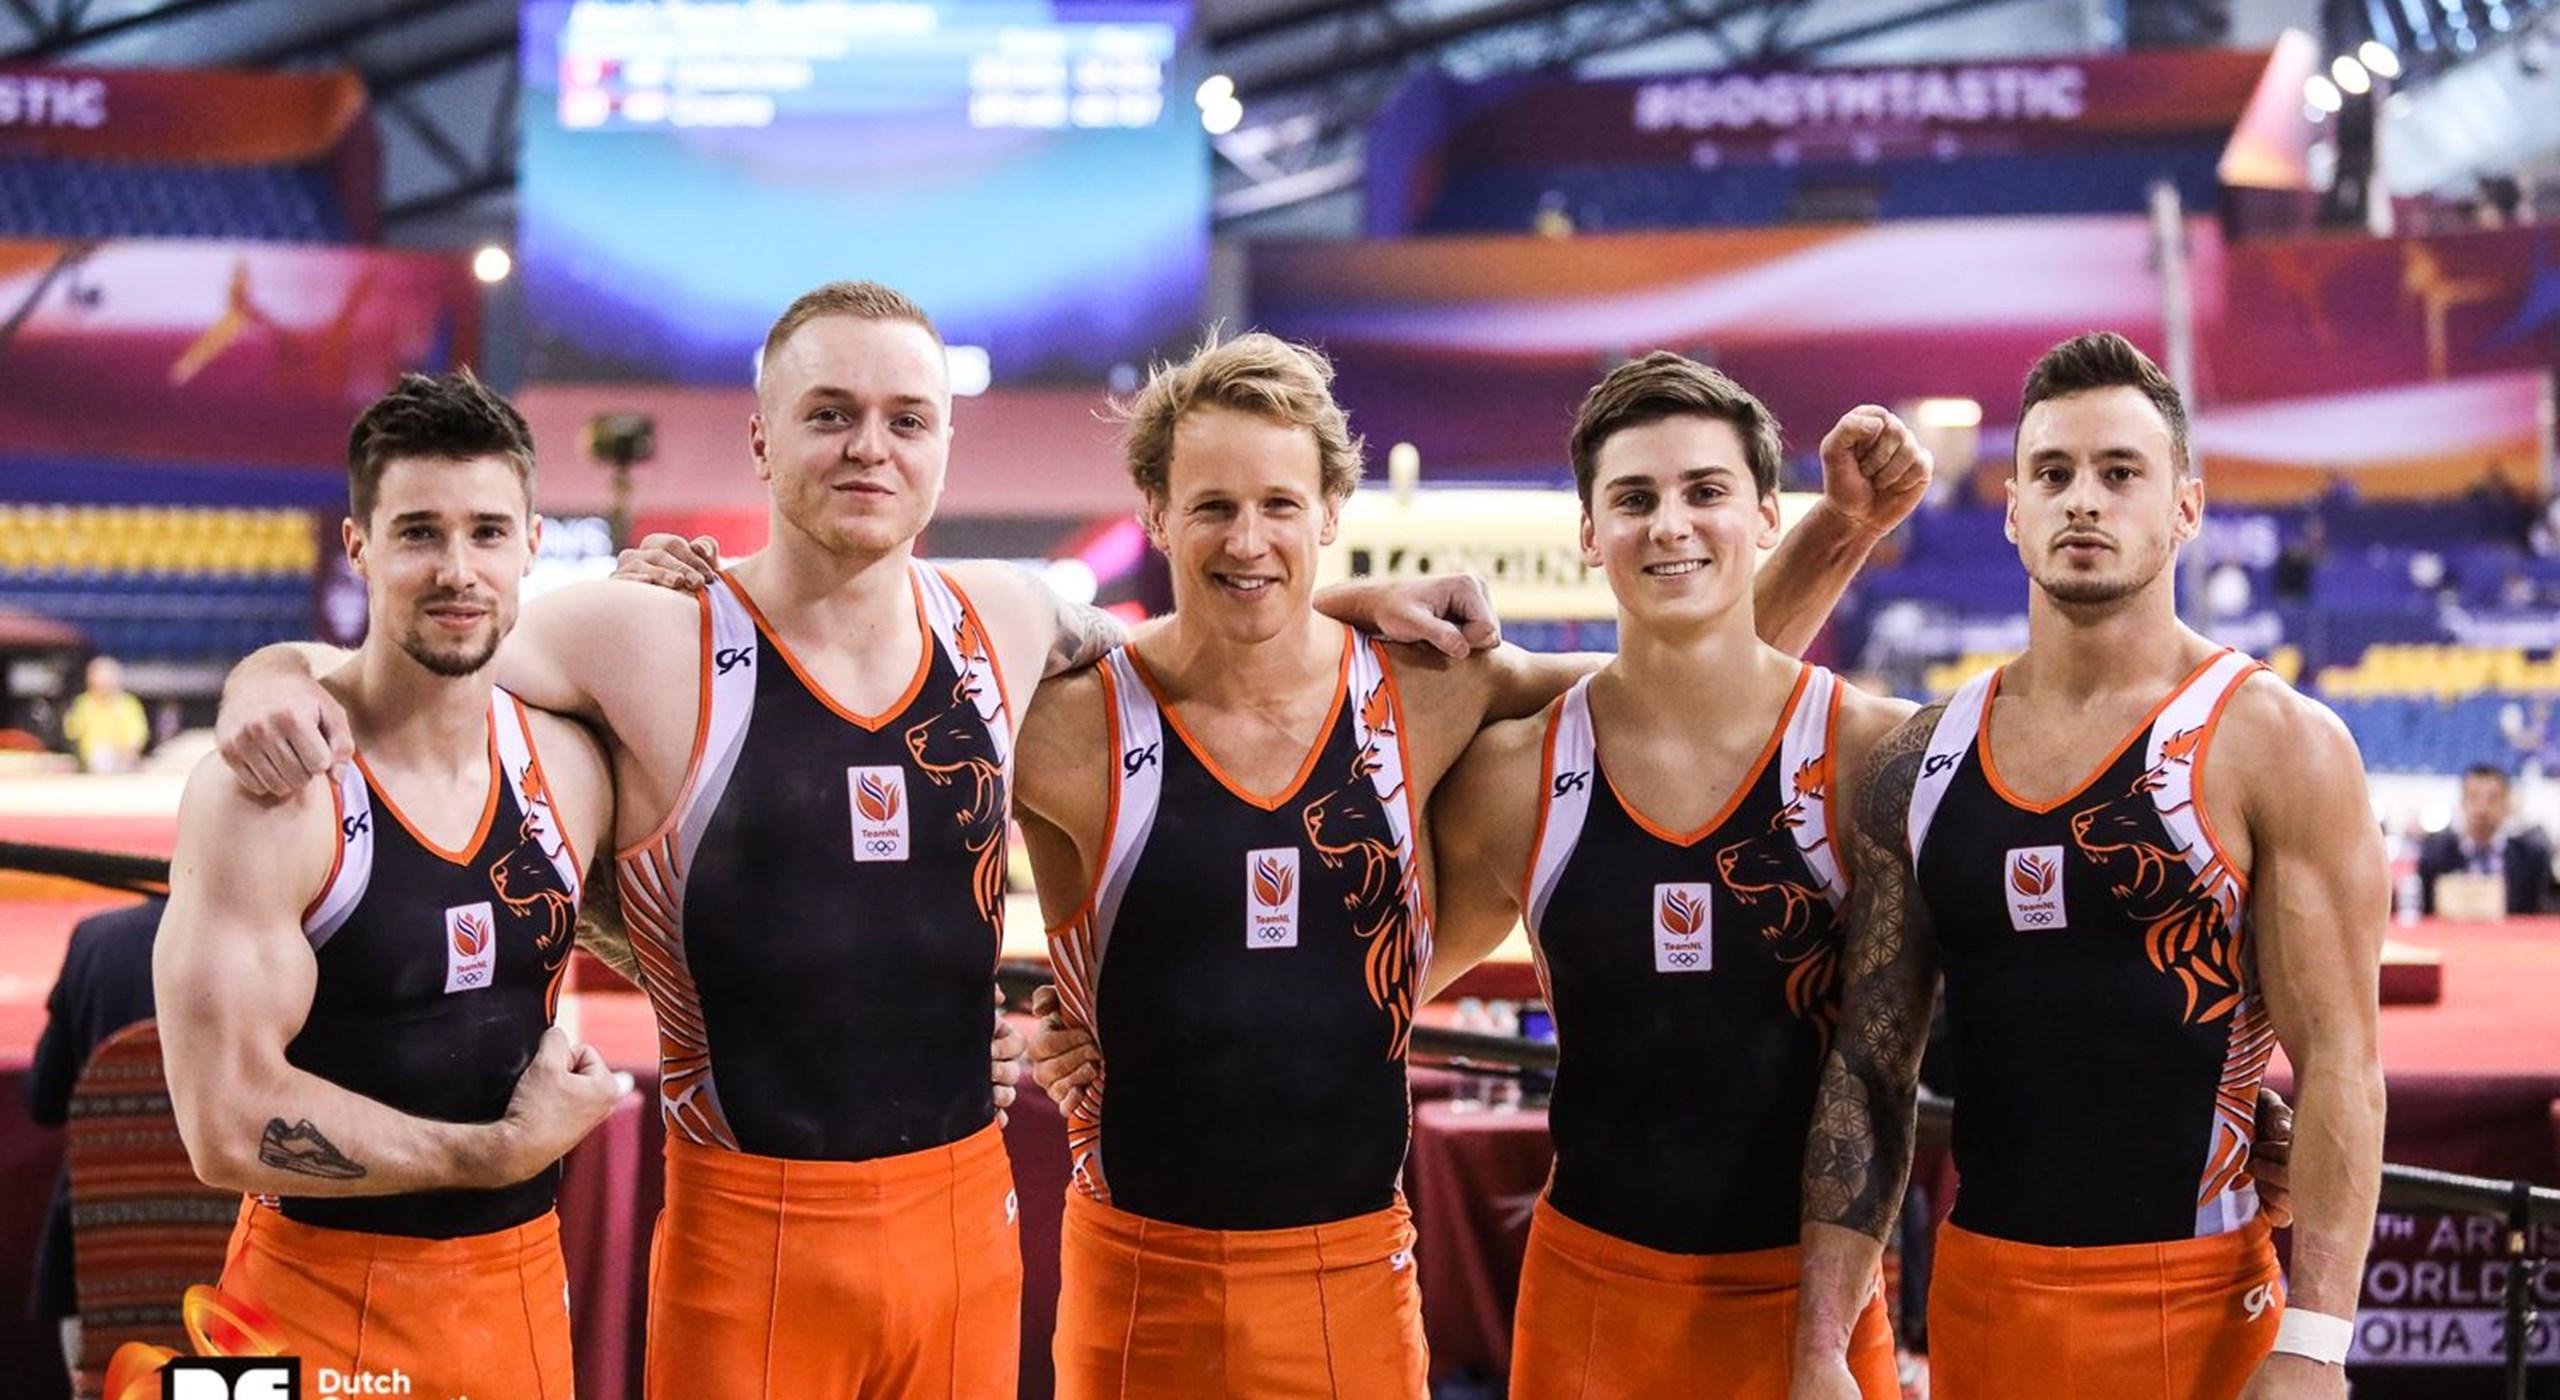 Afbeeldingsresultaat voor nederlands turnteam heren